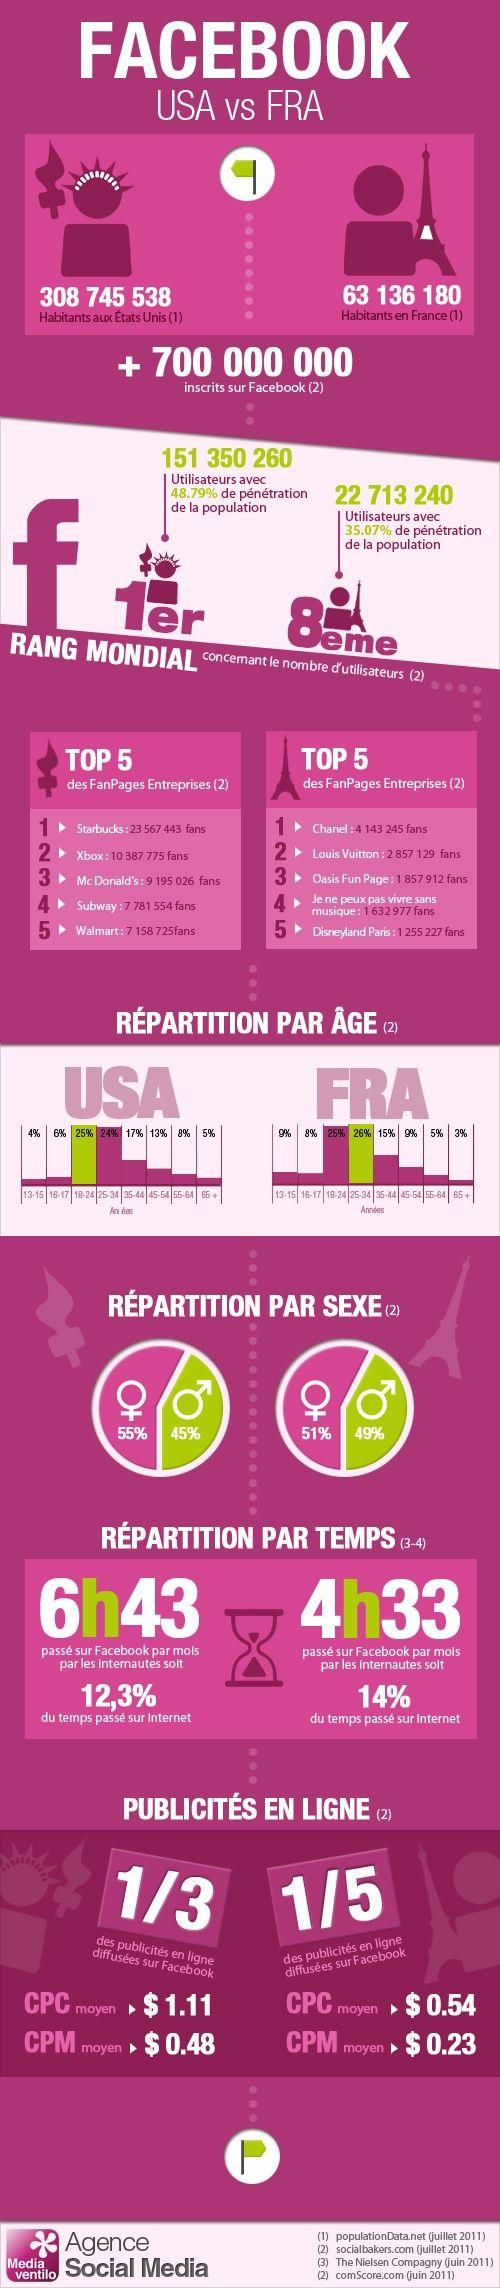 Infographie: Facebook France vs USA